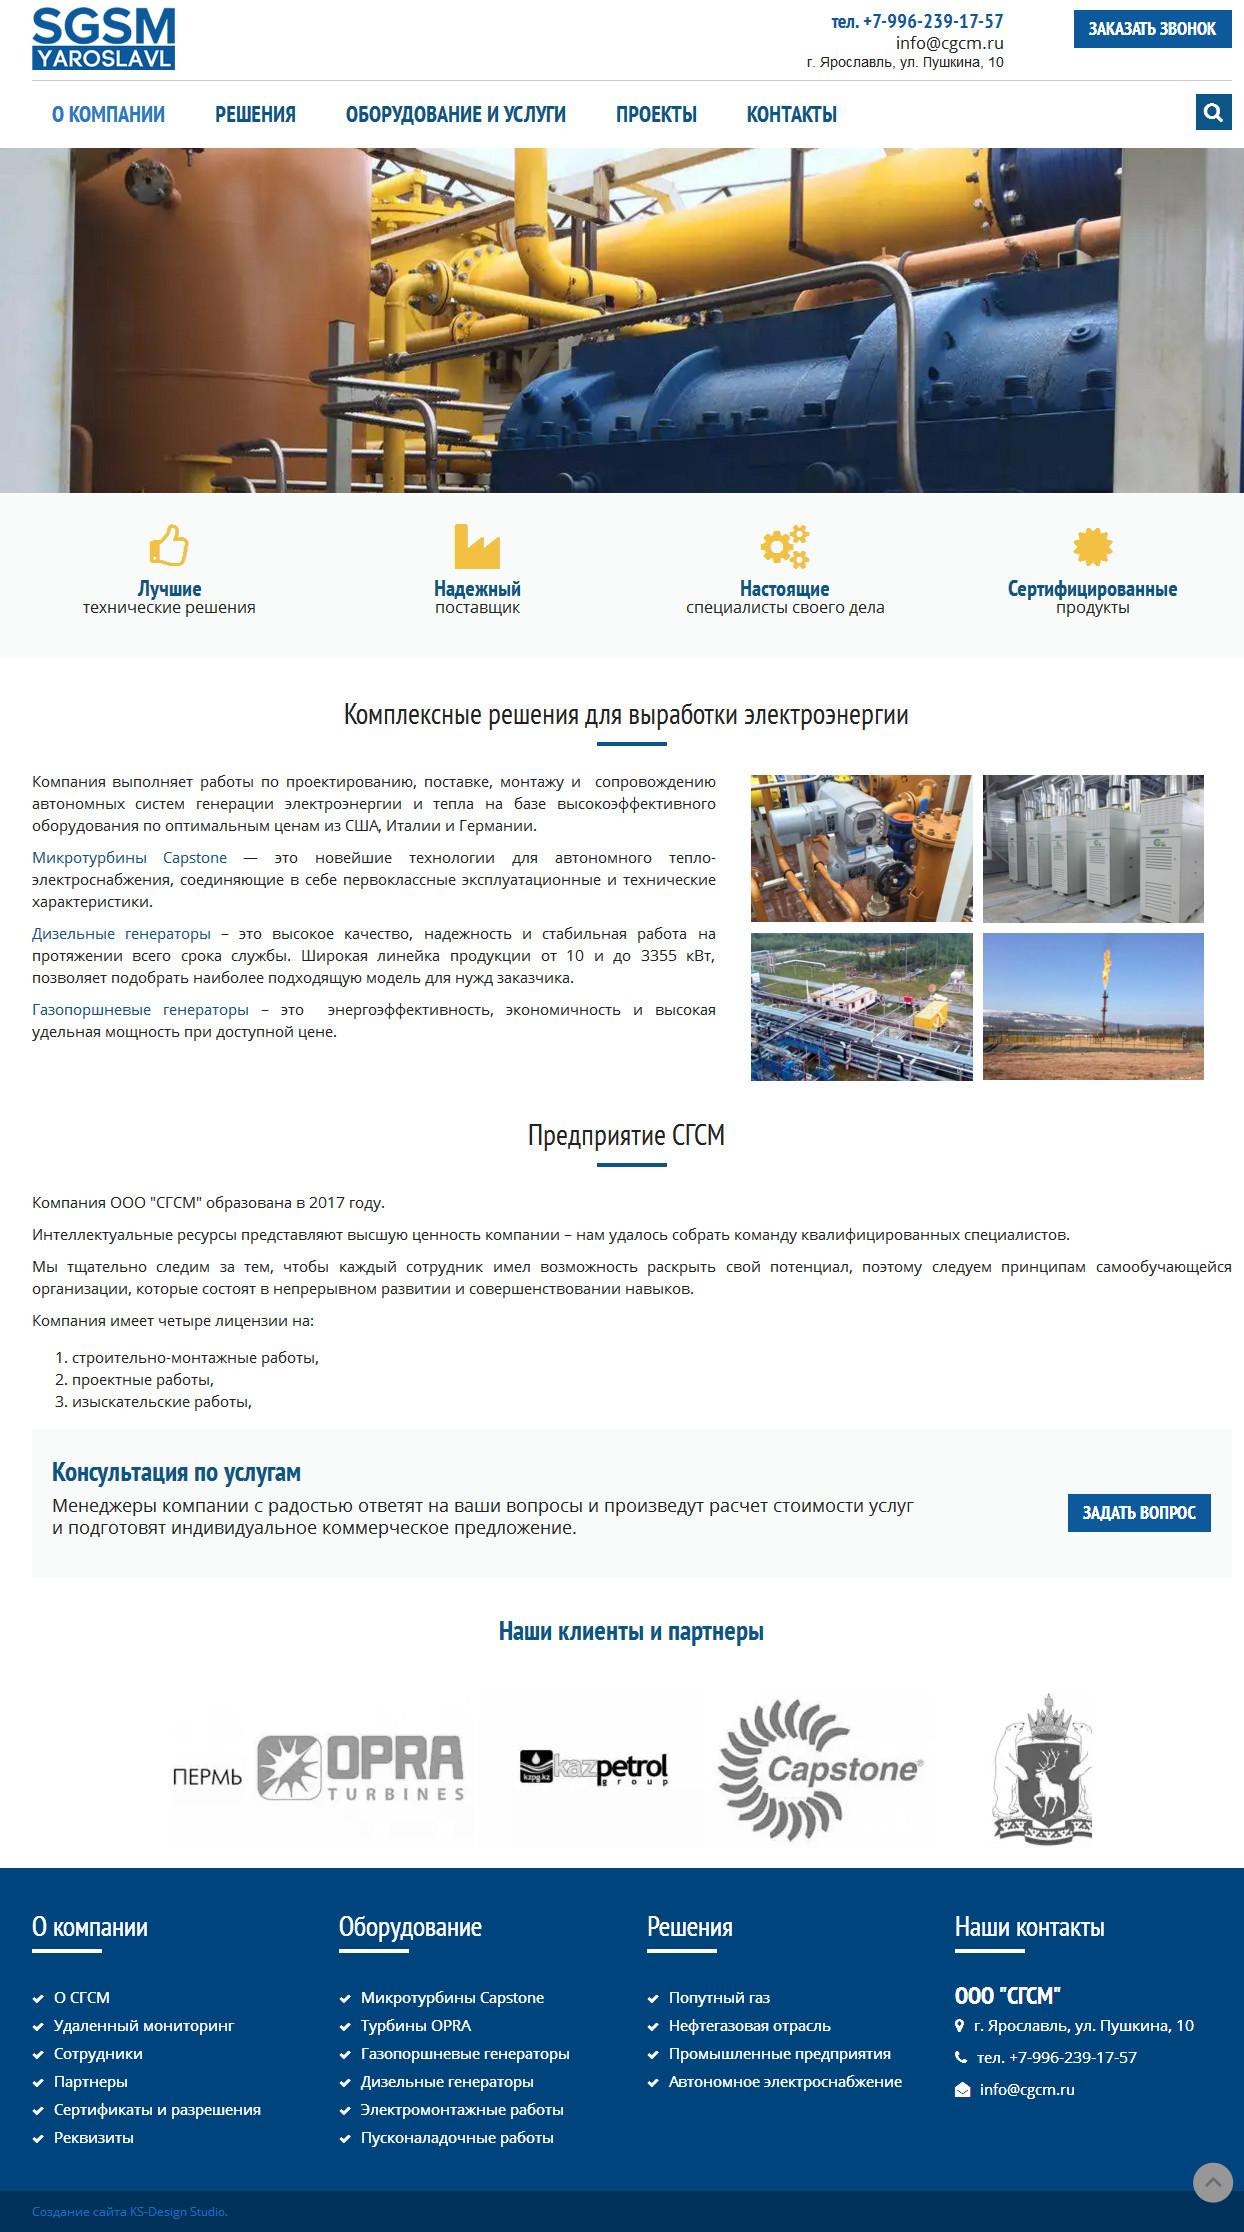 шаблон для корпоративного сайта, создание и разработка сайтов